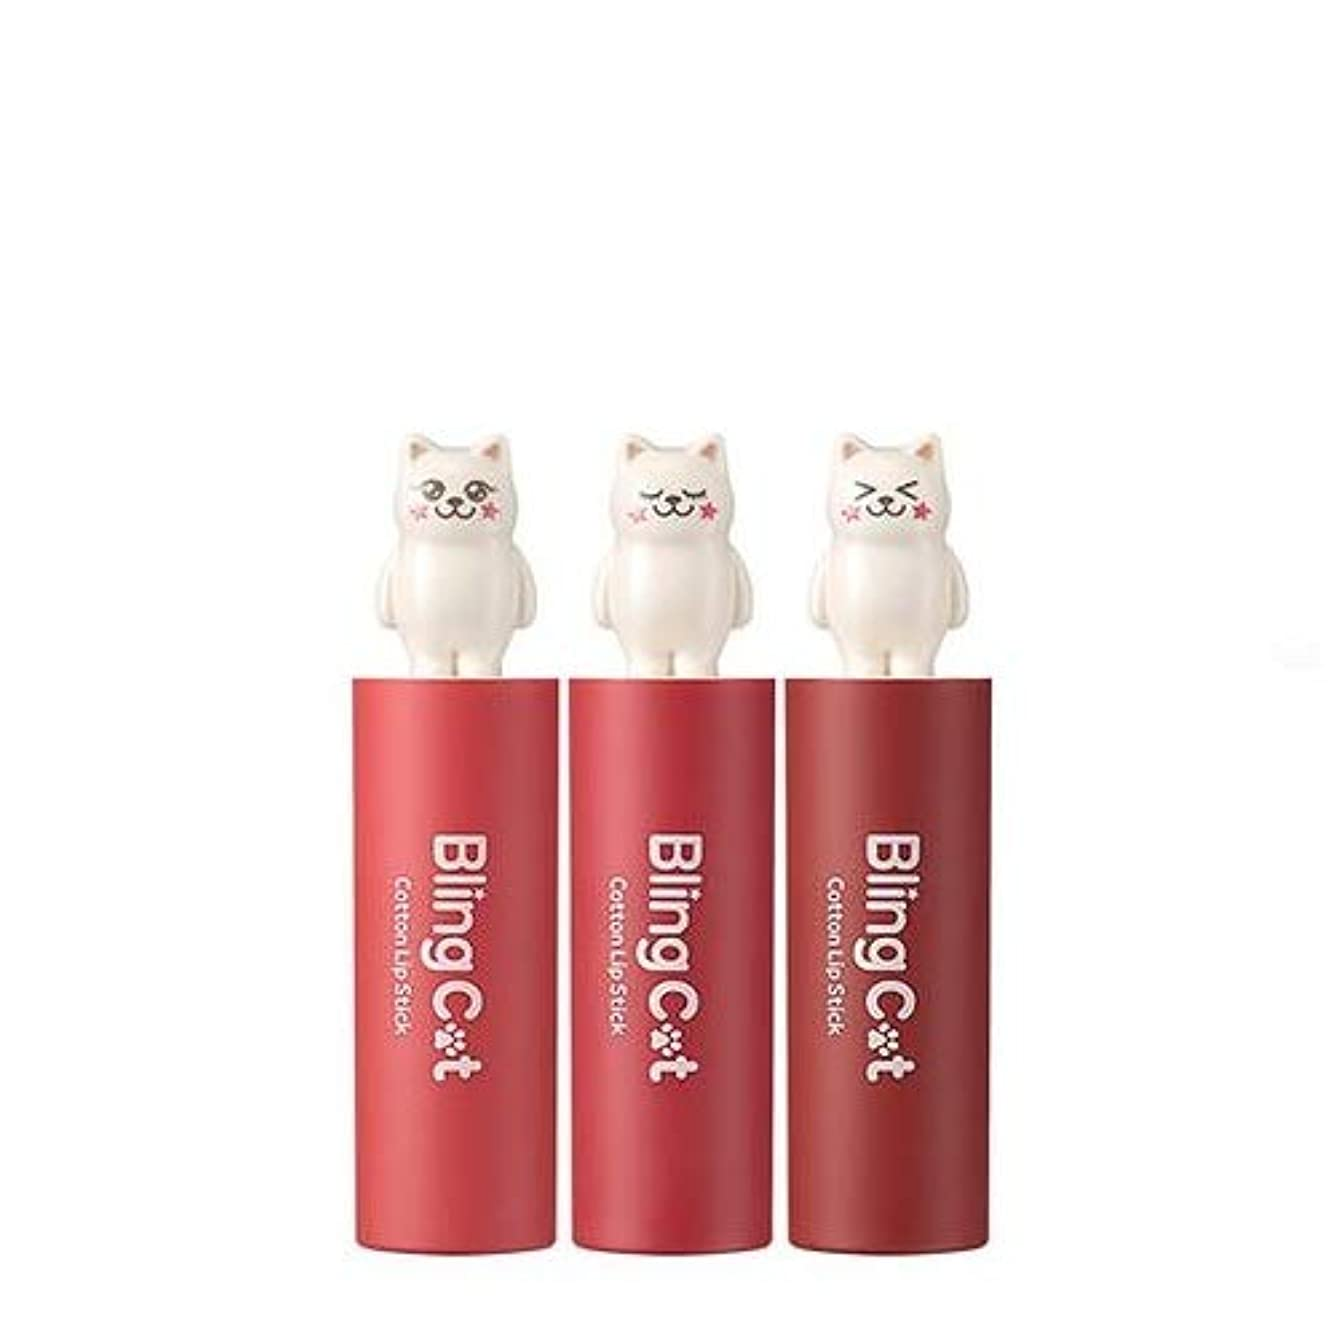 ジェット絞るホイットニートニーモリー ブリングキャット コットン リップスティック 3.4g / TONYMOLY Bling Cat Cotton Lipstick # 08. Femme Love [並行輸入品]